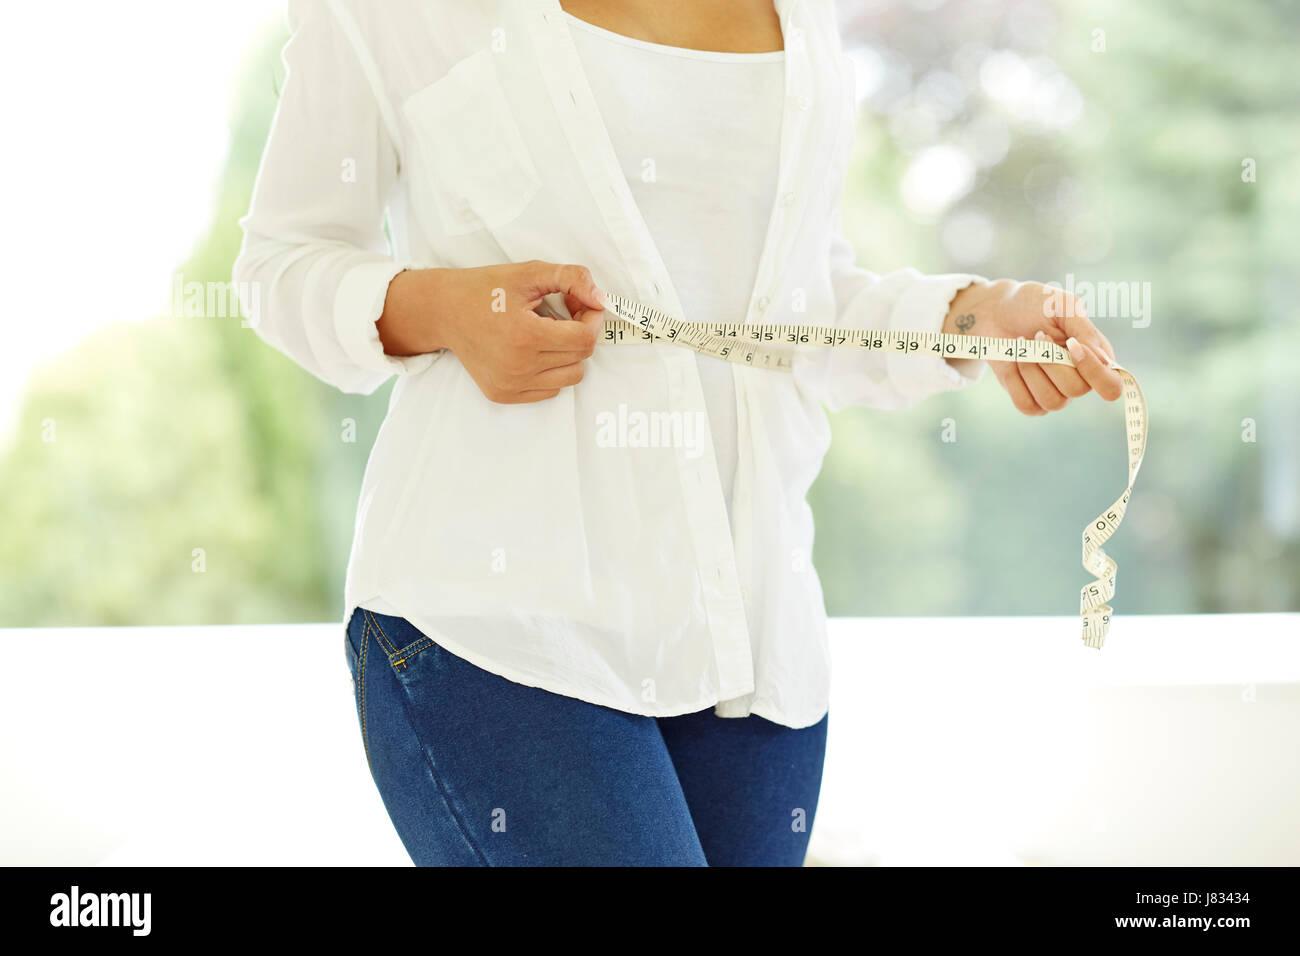 Mujer sosteniendo una cinta métrica alrededor de su cintura Imagen De Stock